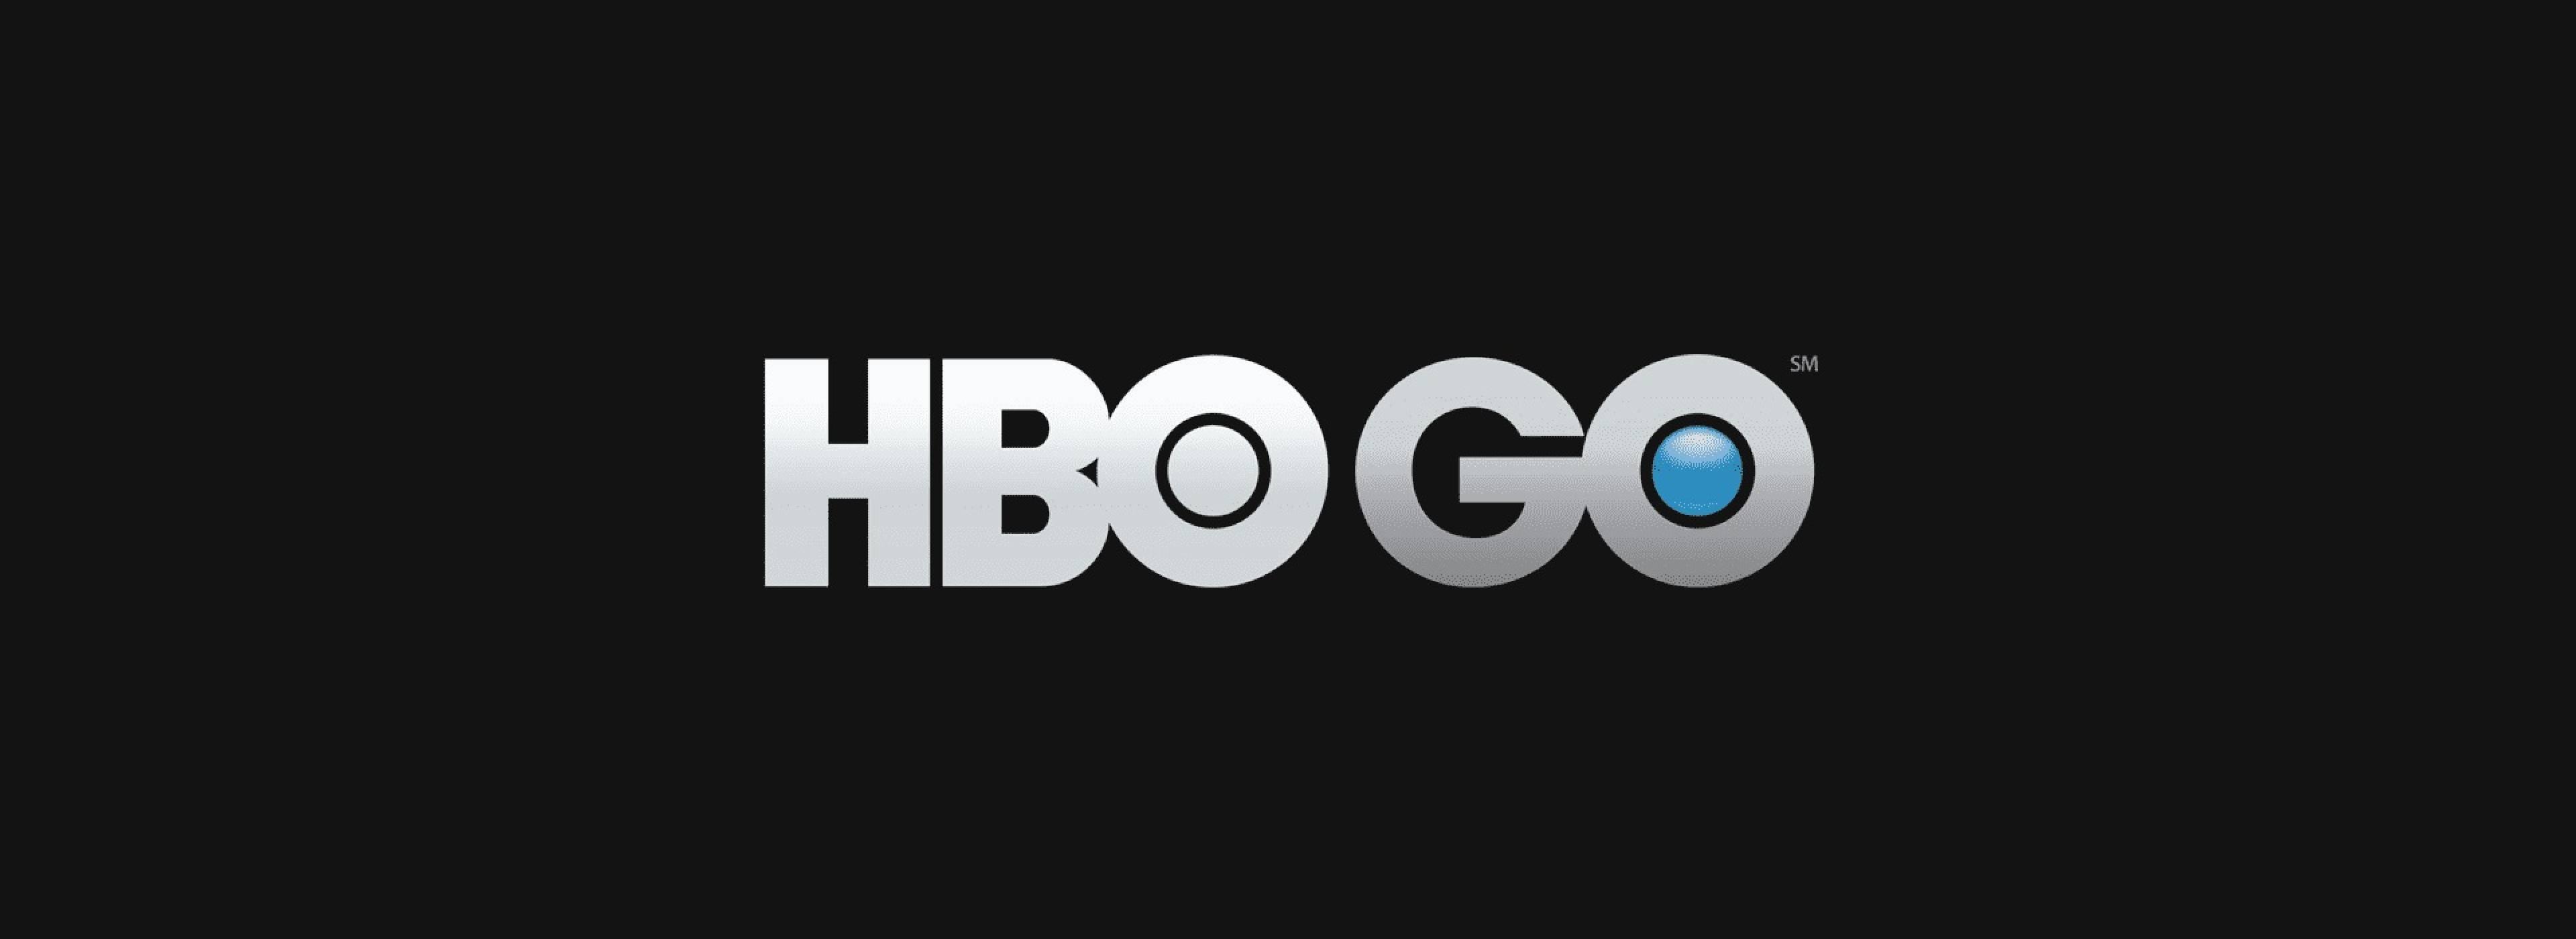 Акаунт в HBO GO си е напълно задължителен, особено във време, в което има изглед за оставане вкъщи. Цена: 3,99 евро/месец